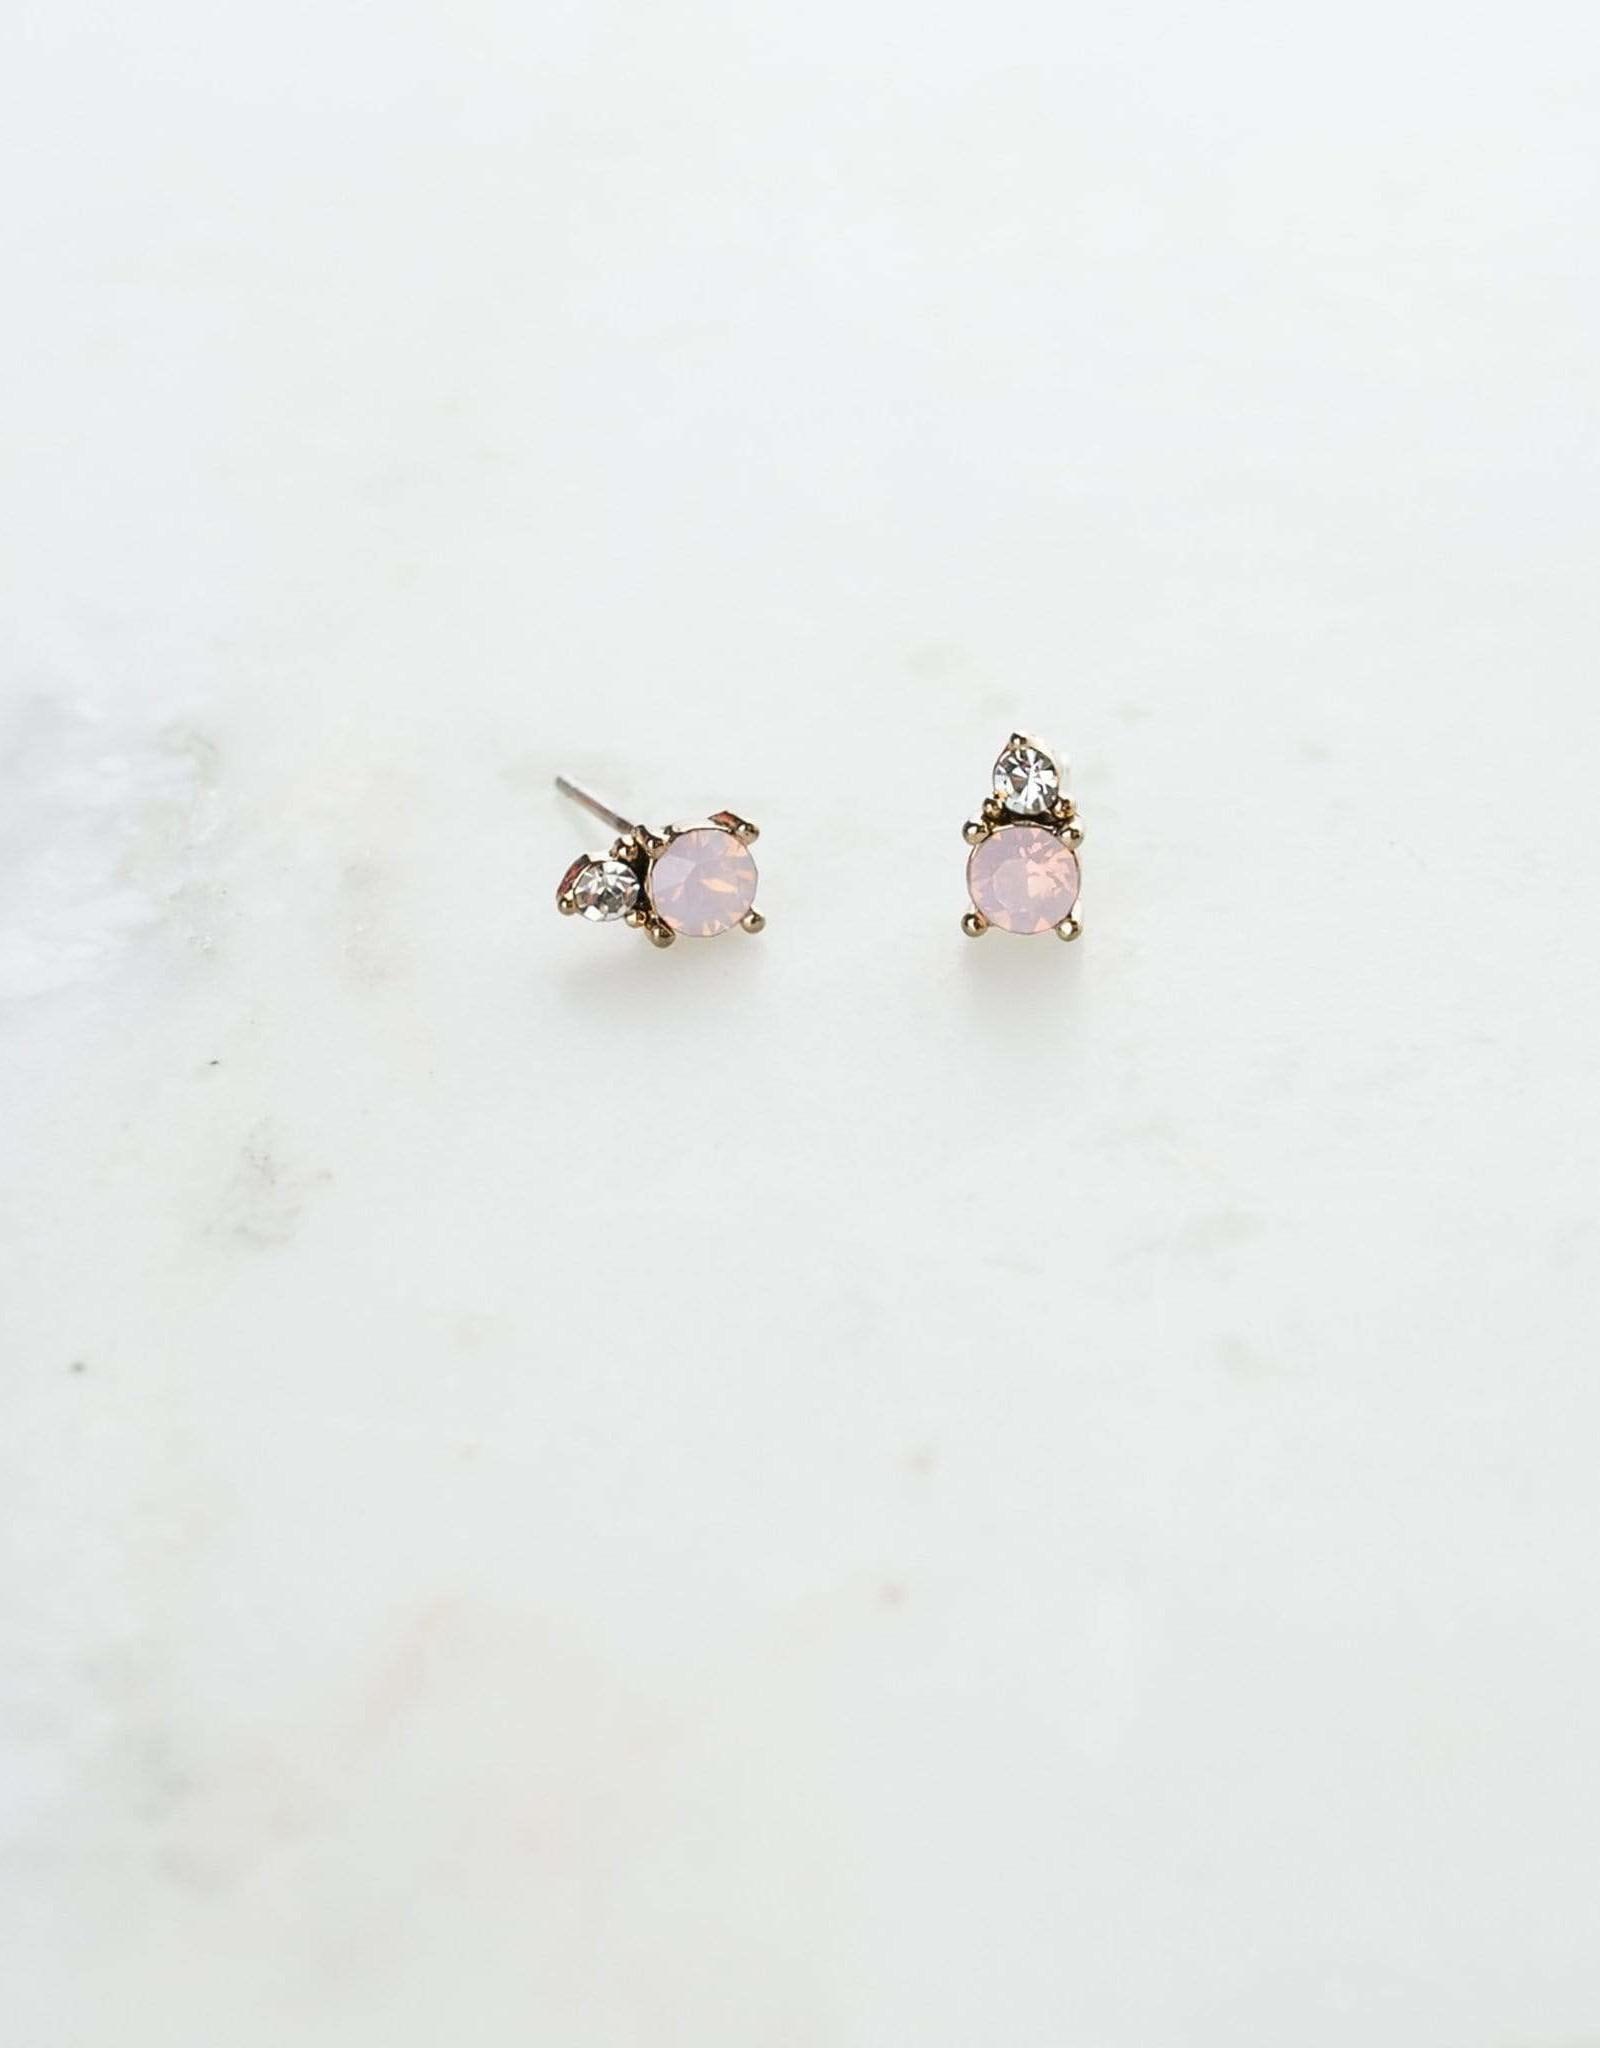 Dolce Pink Opal Stud Earrings